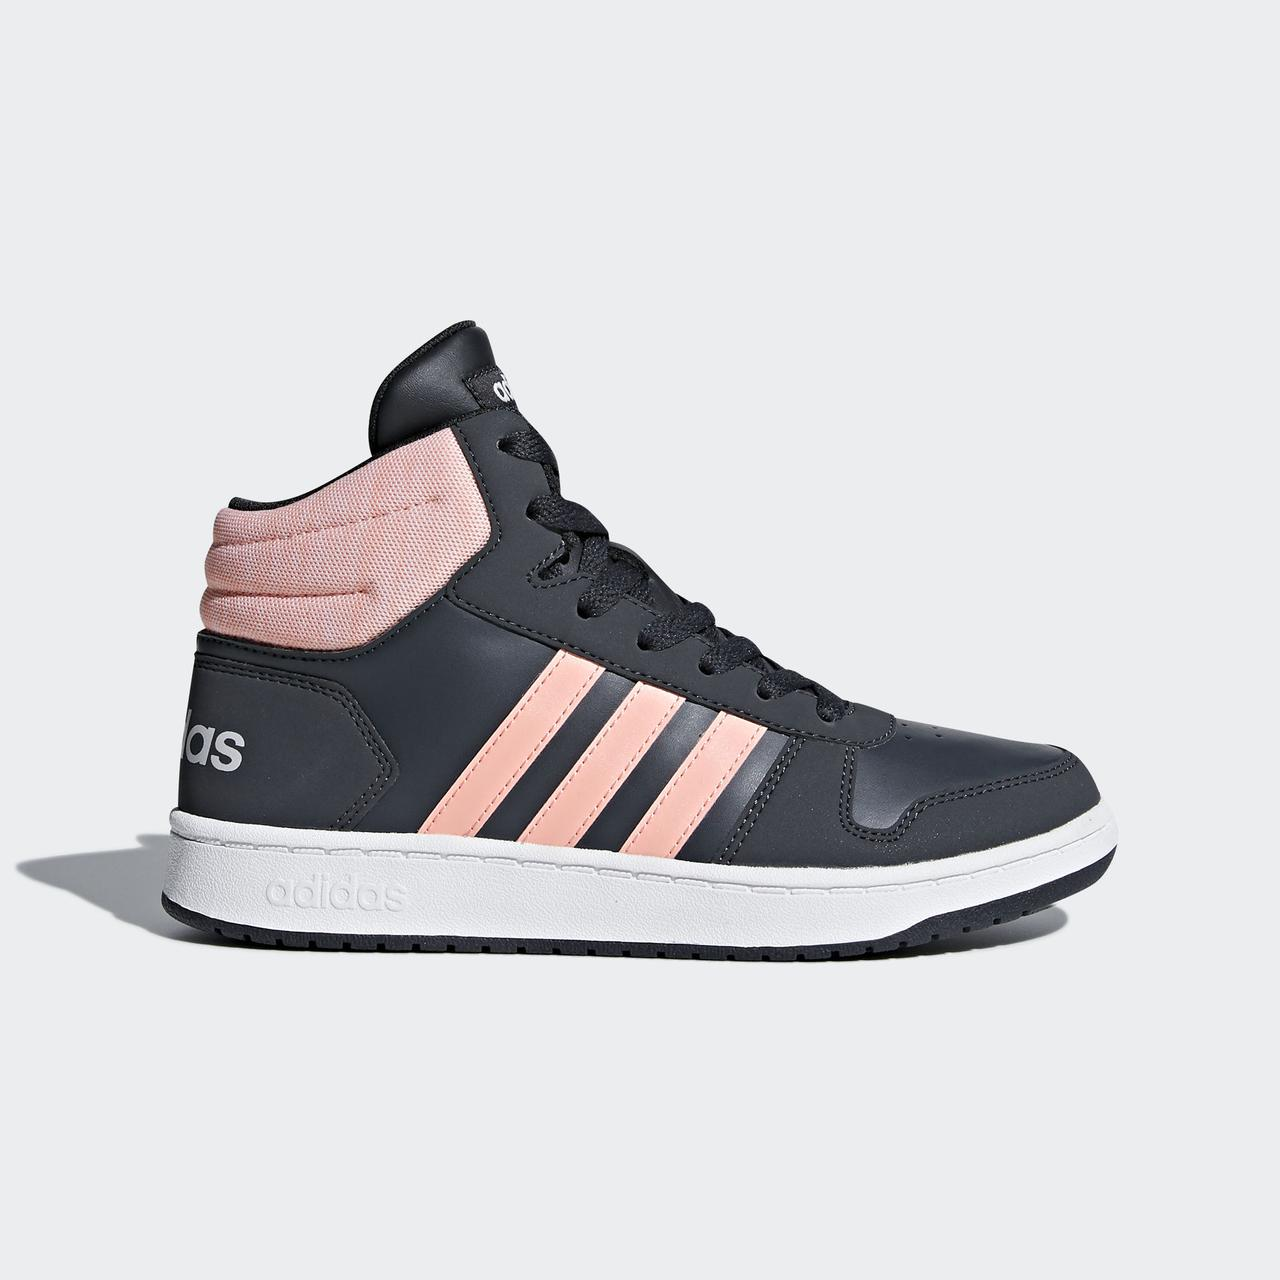 Купить Детские кроссовки Adidas Neo Vs Hoops Mid 2.0 (Артикул ... a14ecee1f90